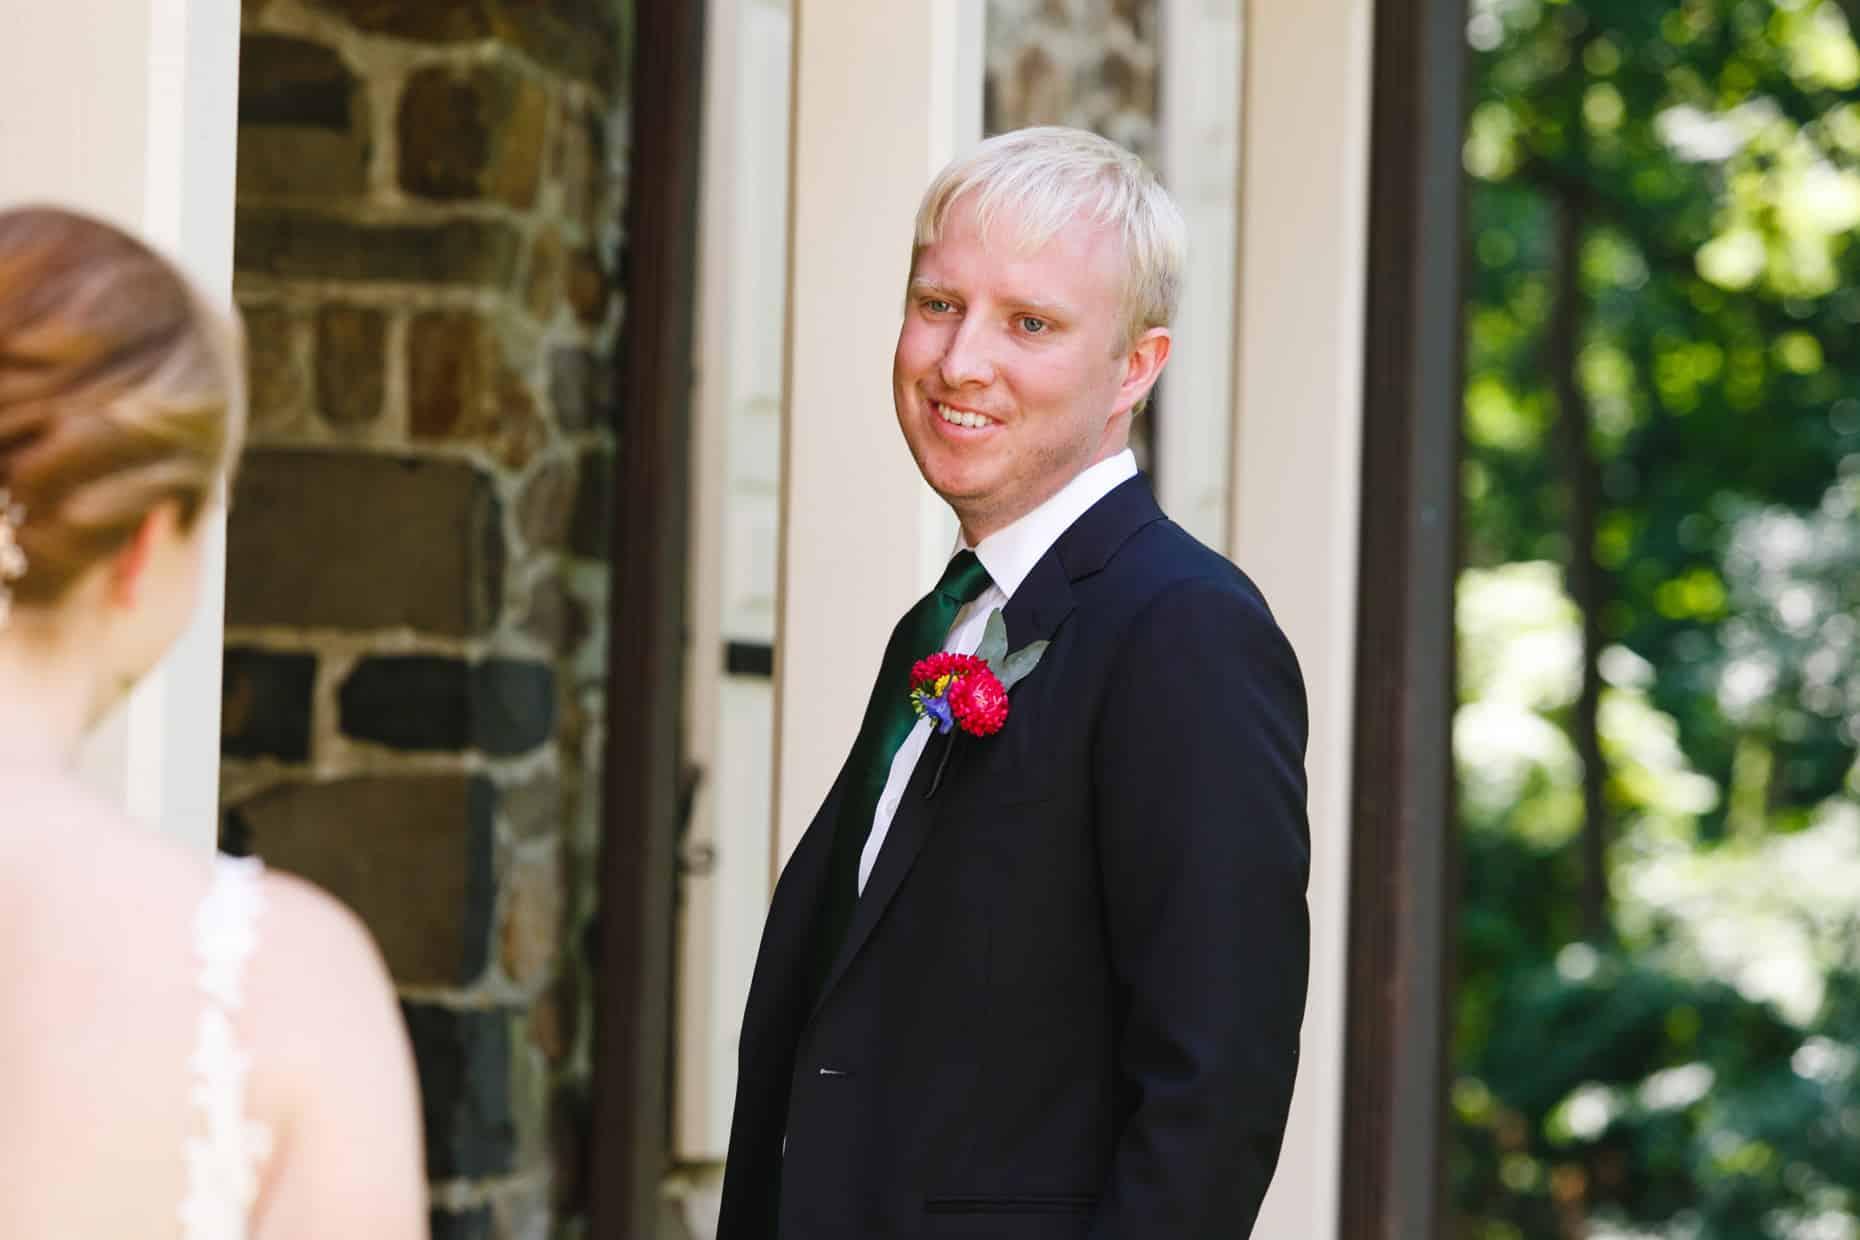 Wedding Picture Anthony Wayne House